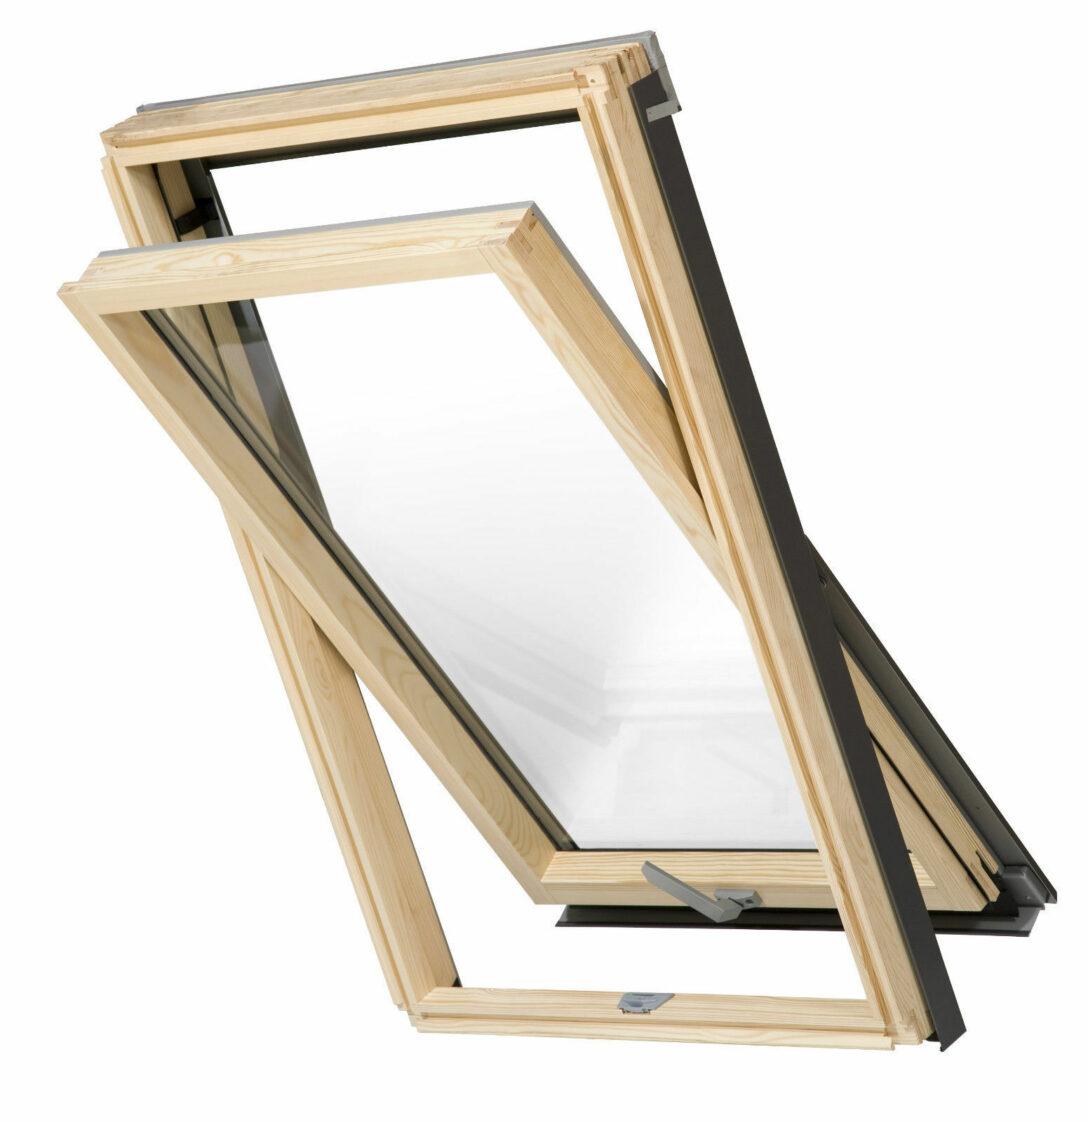 Large Size of Velux Scharnier Velufenster Gnstig Kaufen Ebay Fenster Einbauen Rollo Preise Ersatzteile Wohnzimmer Velux Scharnier